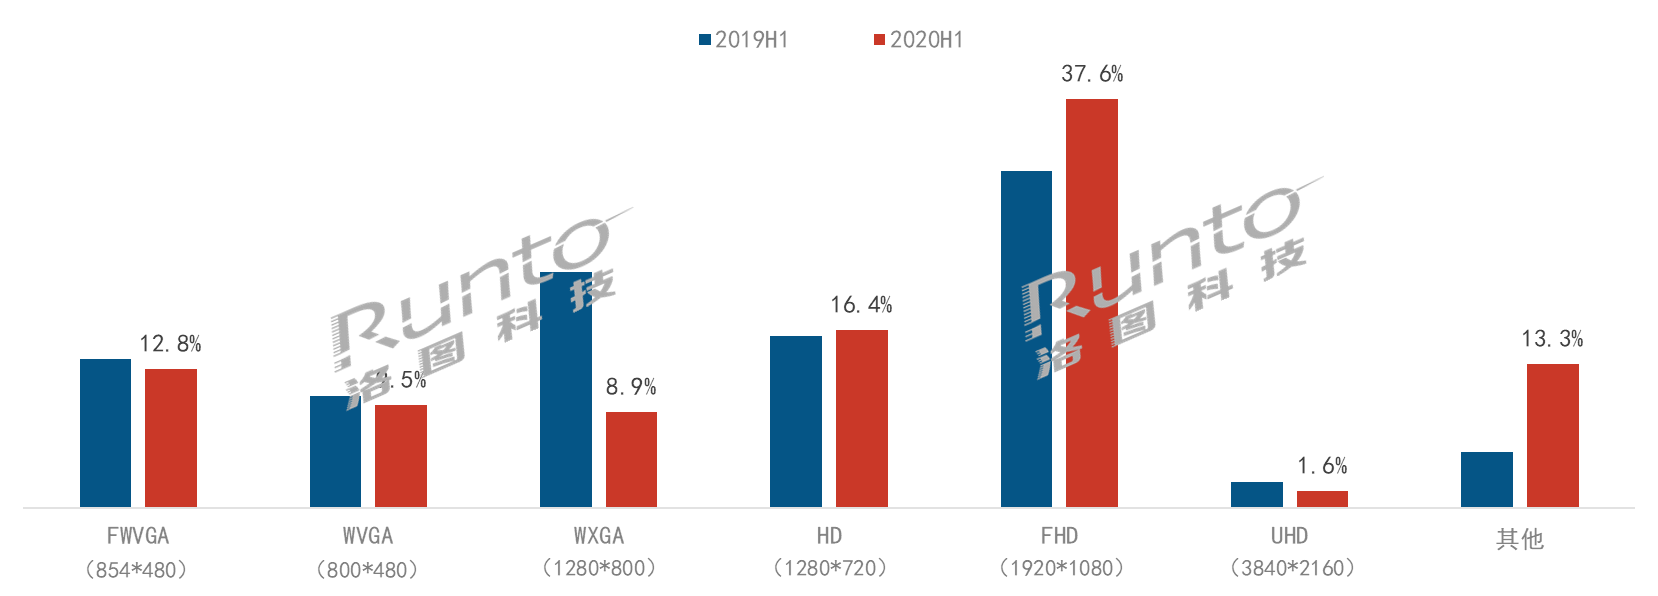 半年总结   乘风破浪,智能投影市场上半年增长7%-视听圈